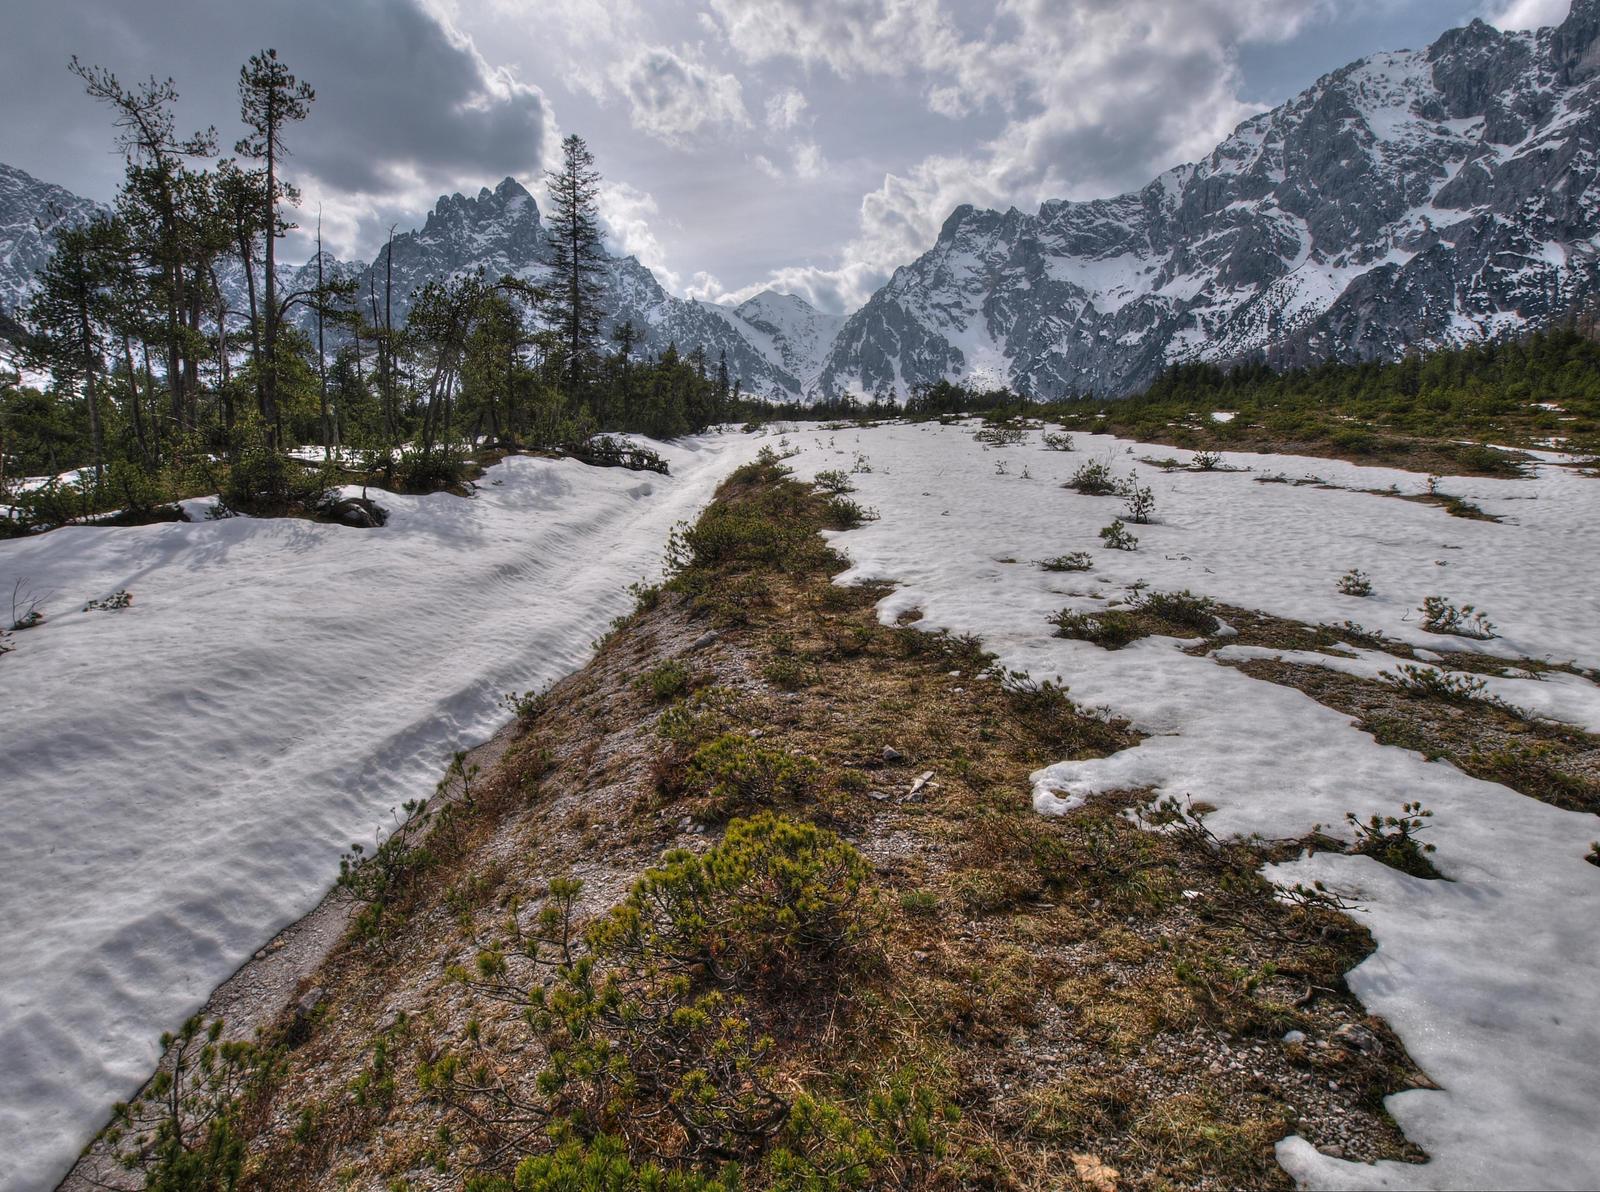 Spring Wilderness Background by Burtn